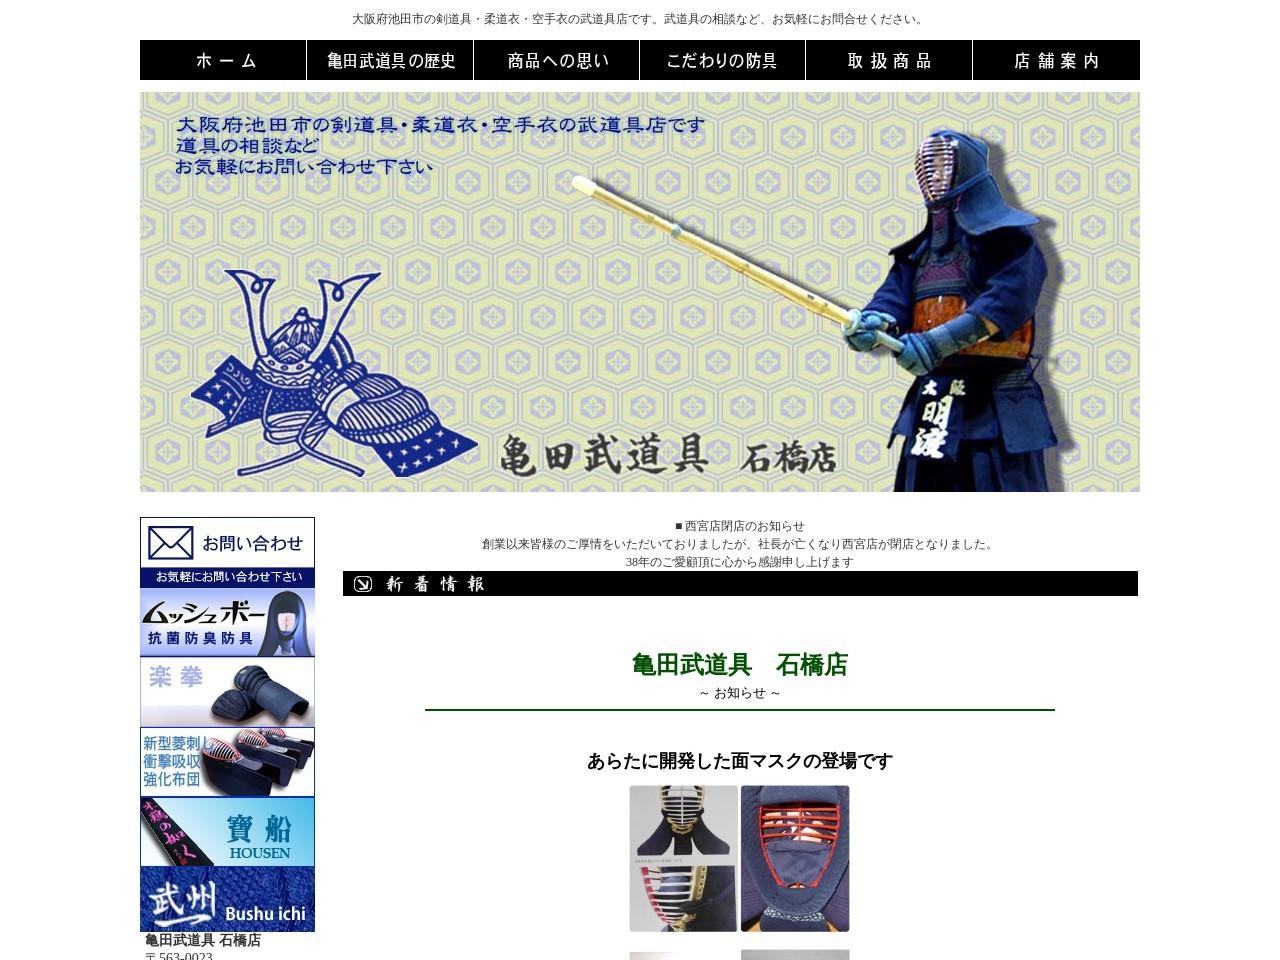 亀田武道具石橋店